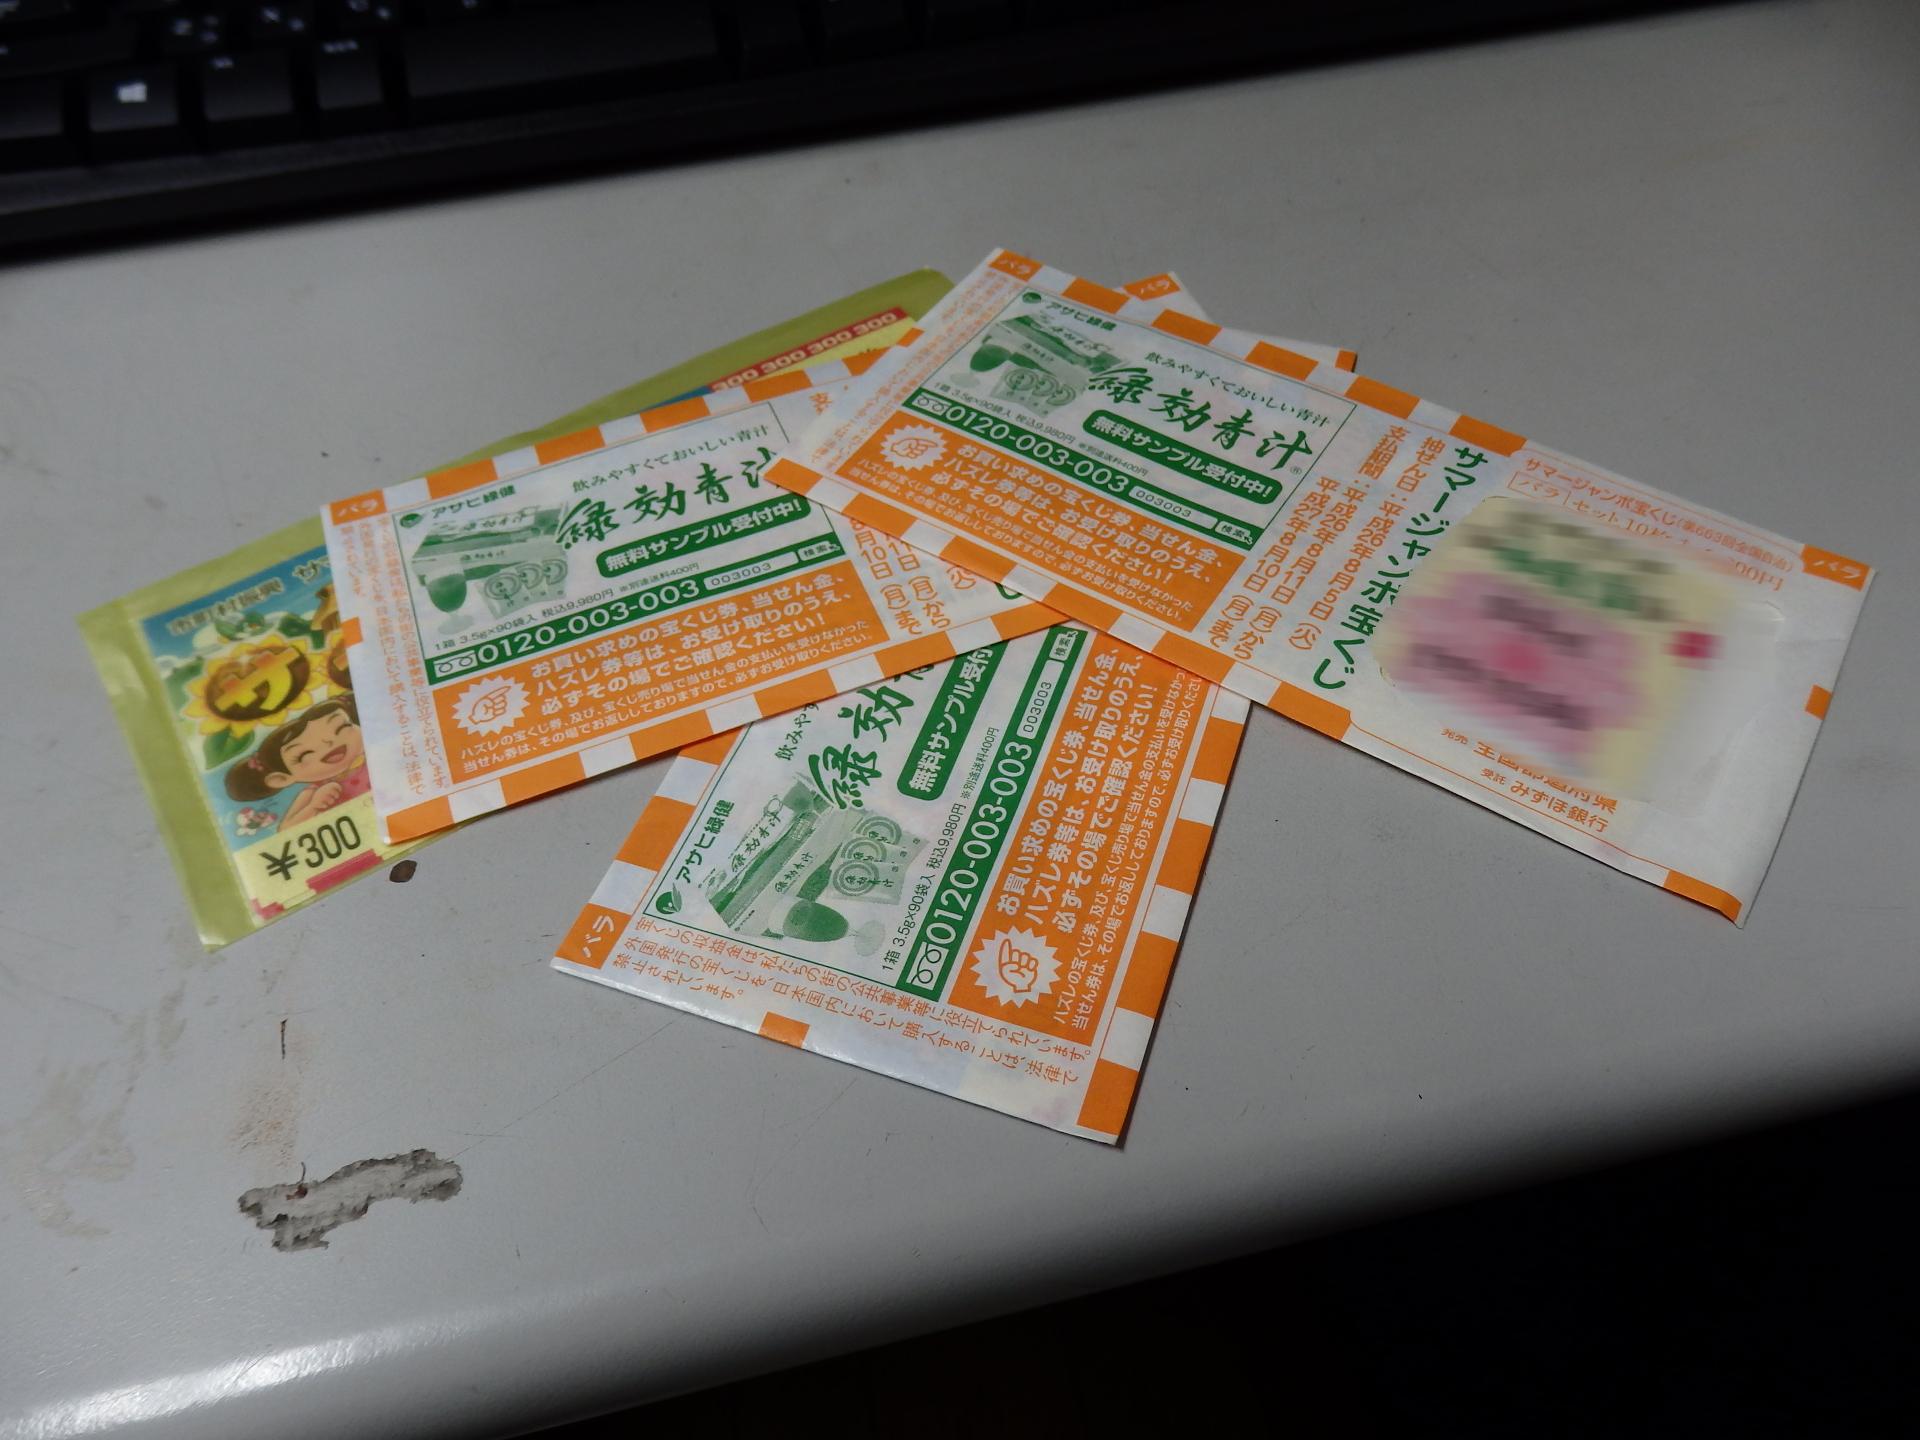 サマージャンボ6億円宝くじです。